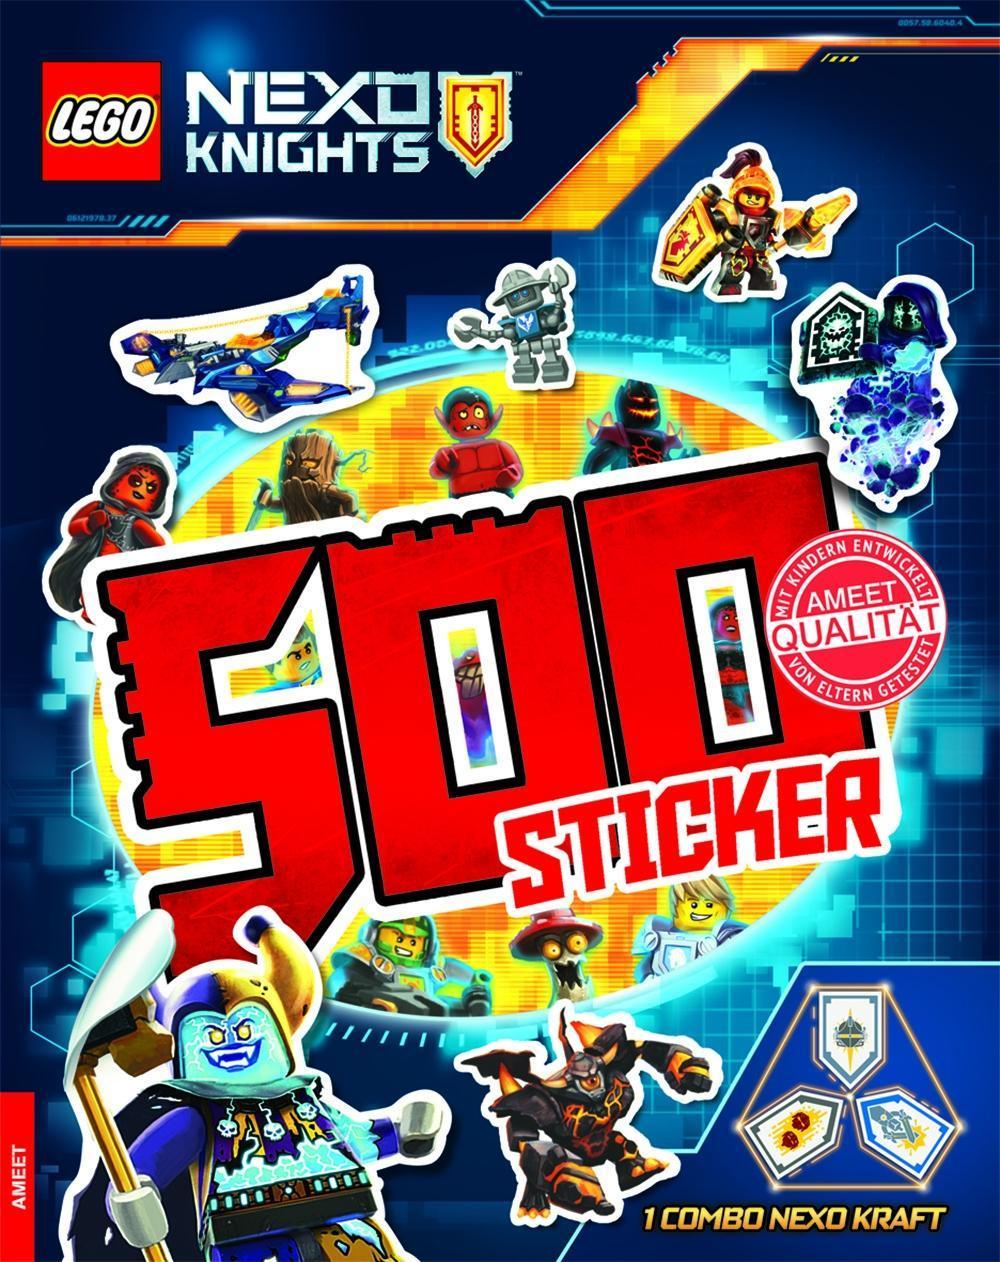 LEGO-NEXO-KNIGHTS-TM-500-Sticker